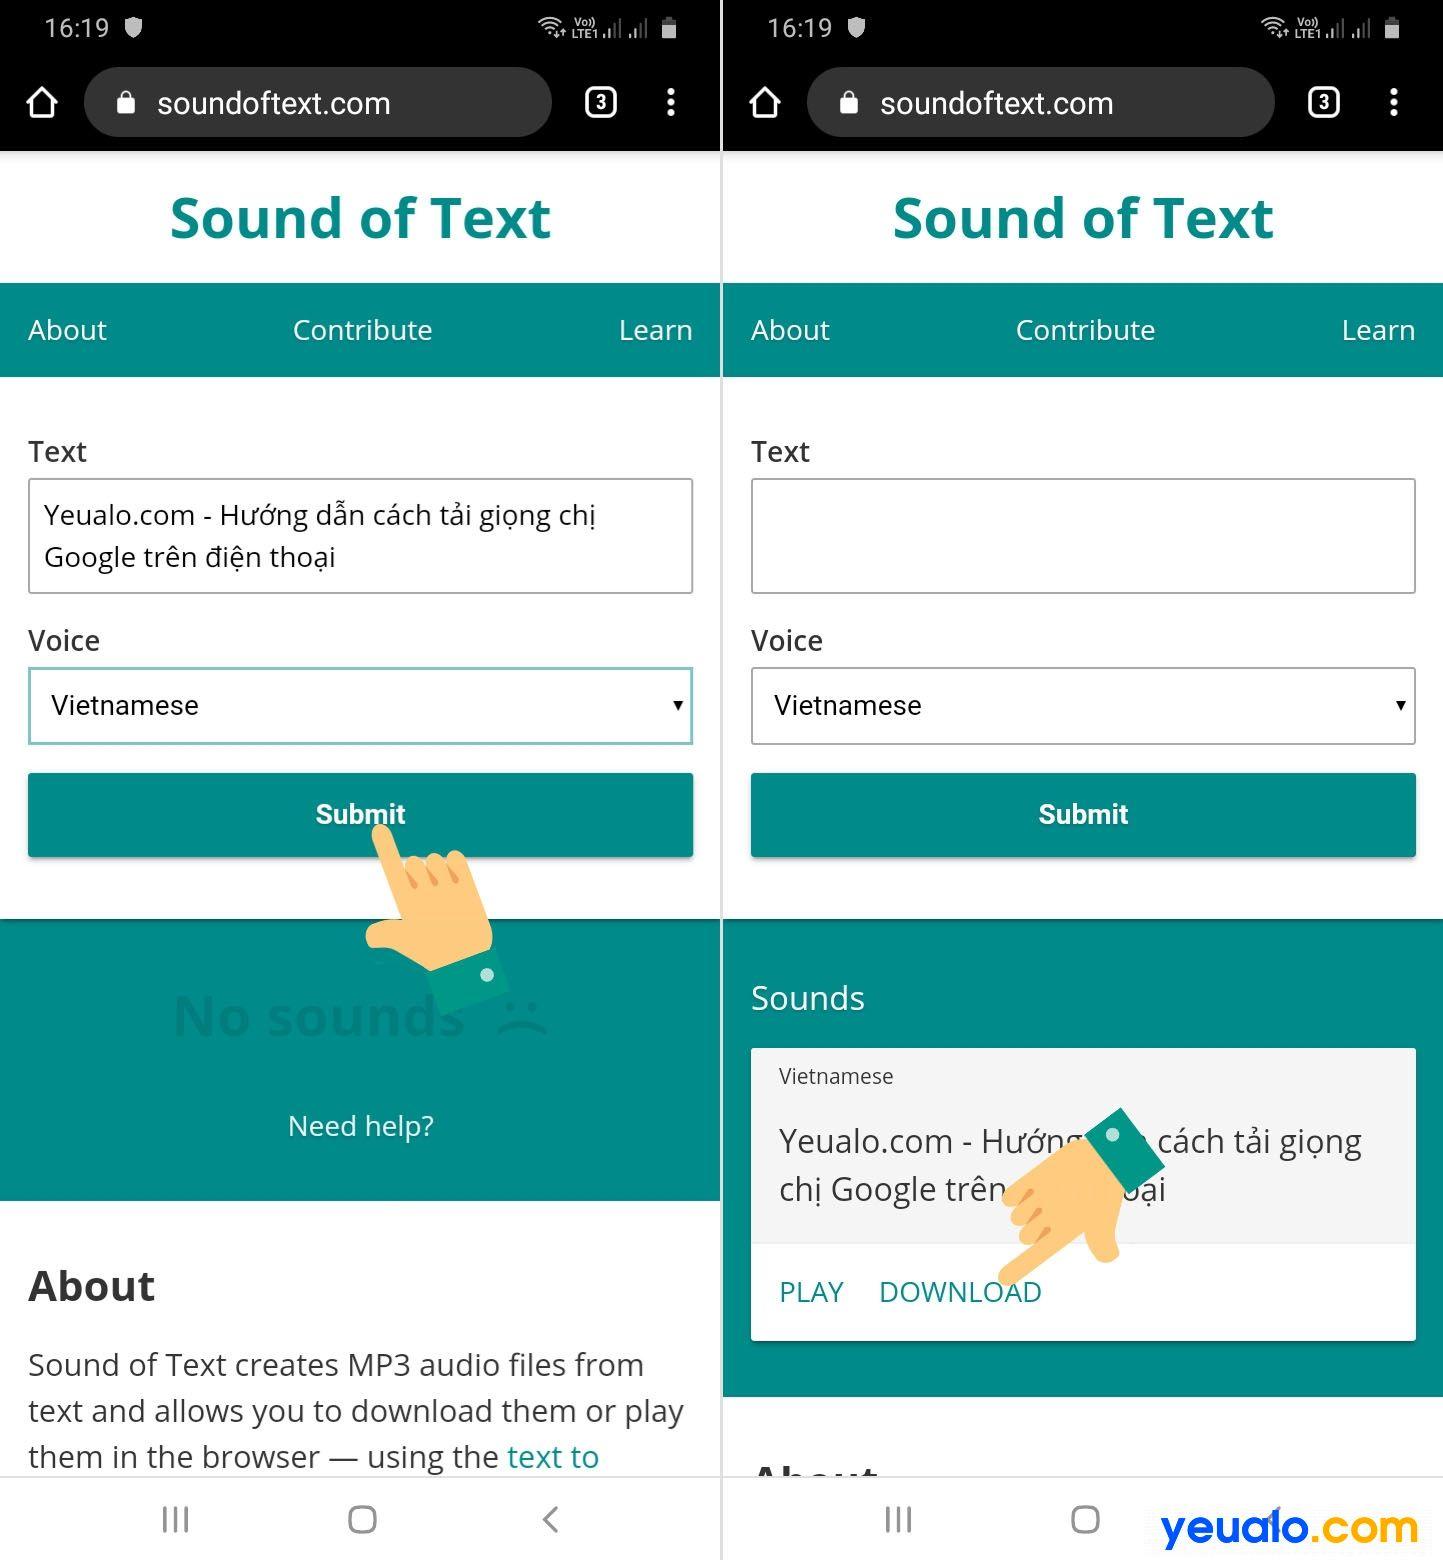 Cách tải giọng chị Google trên điện thoại